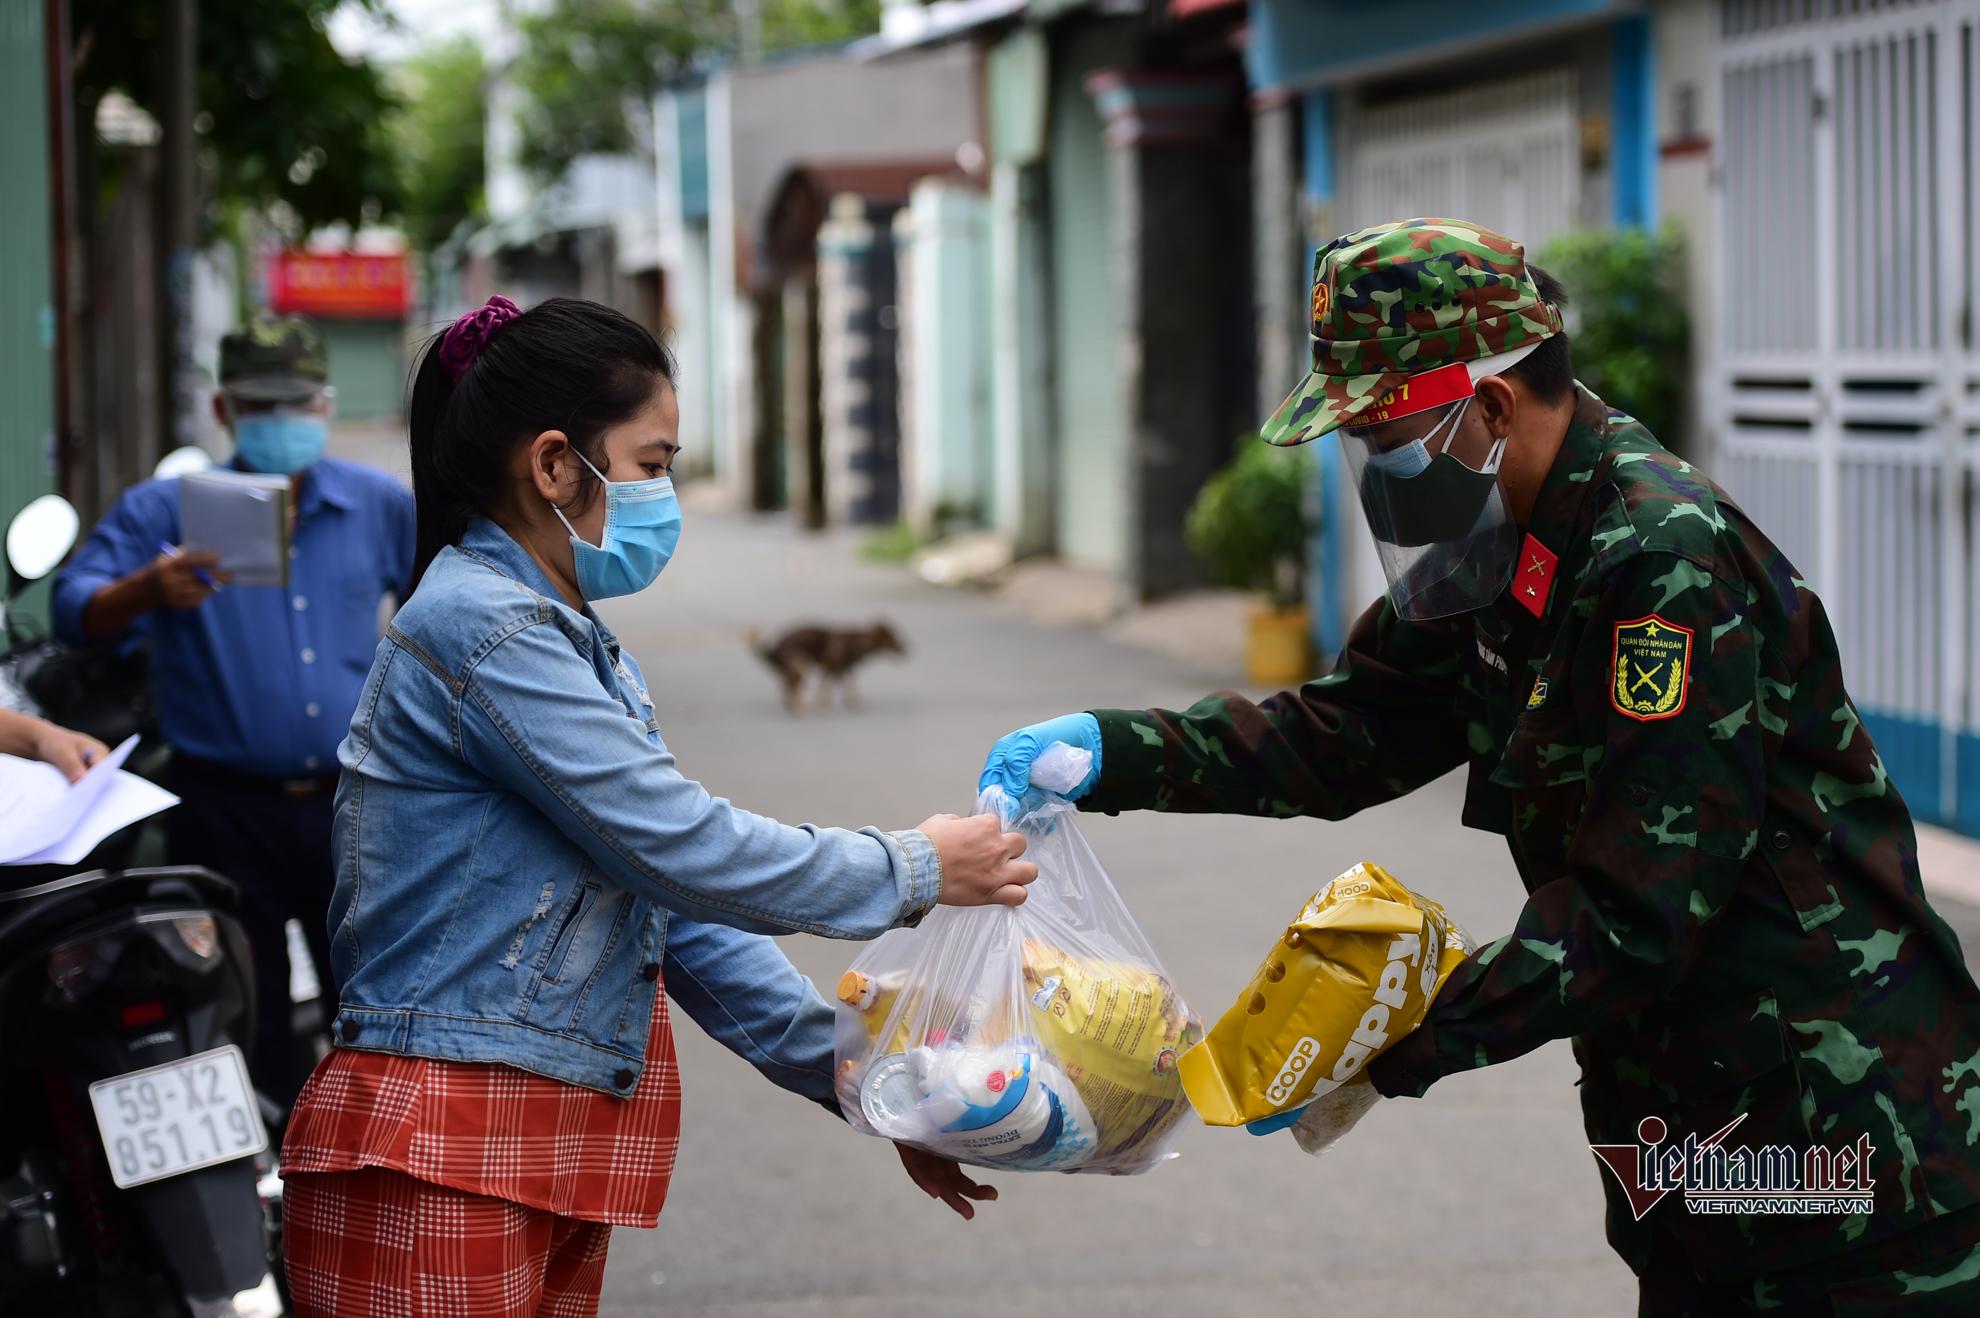 Bộ đội phát nhu yếu phẩm, đi chợ giúp dân trong ngày giãn cách